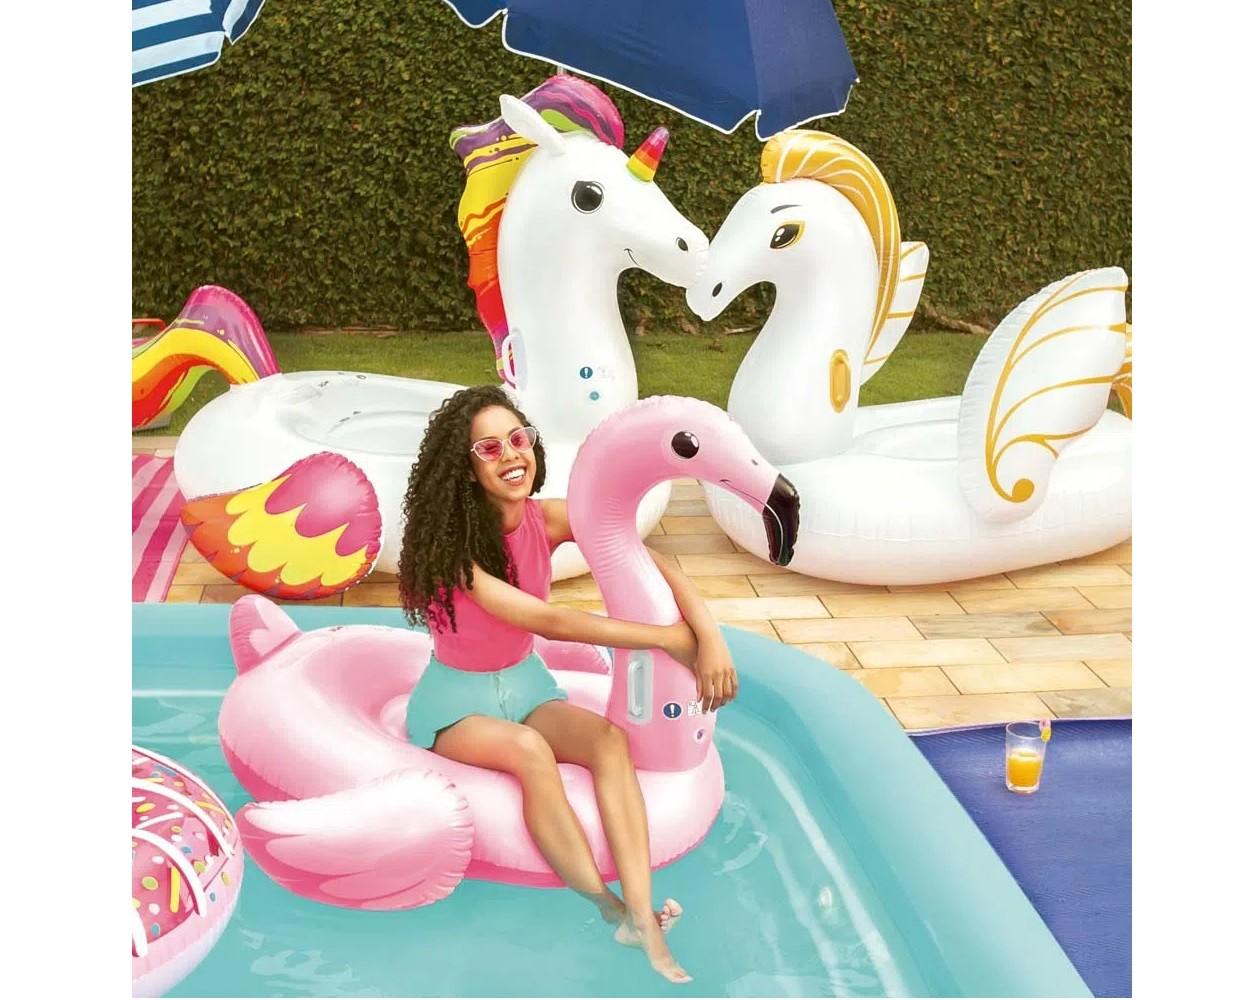 Boia Colchão Inflável Gigante P/ Piscina Flamingo - Mor